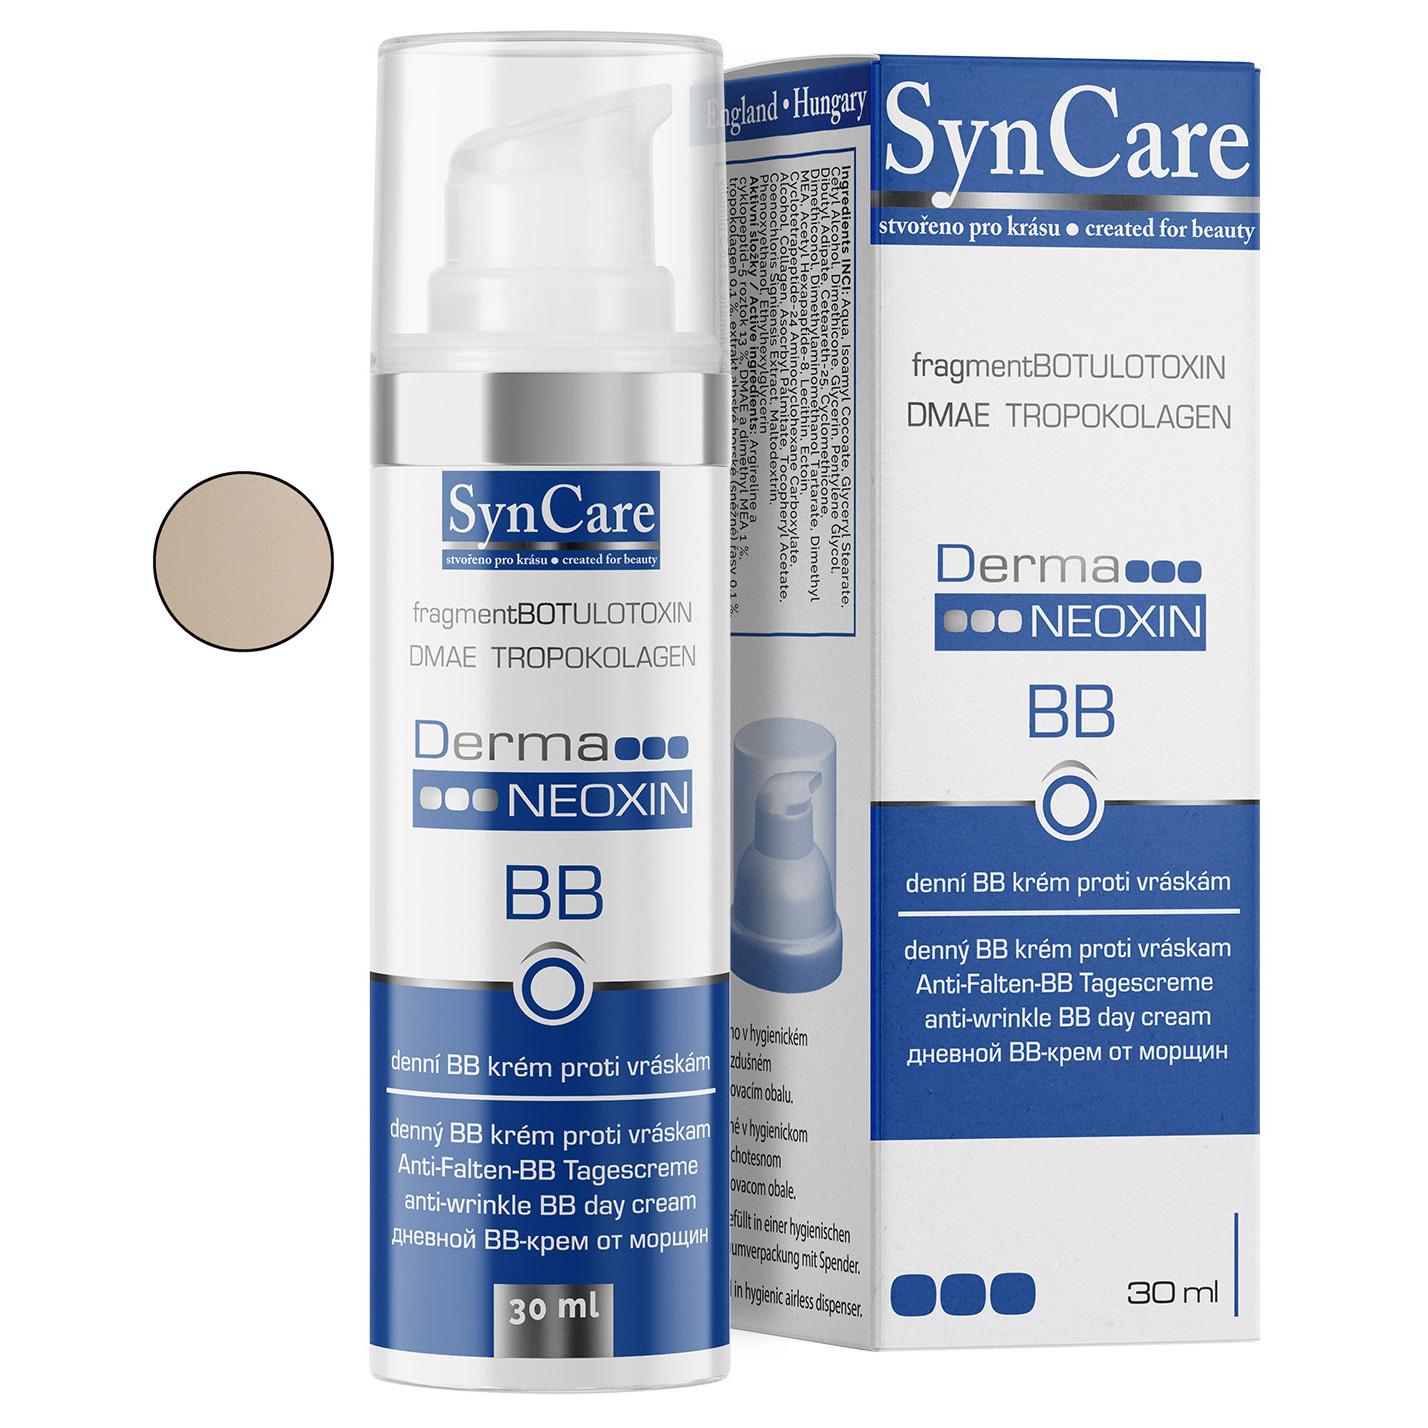 Syncare DermaBOTEXIN BB denní krém 18%